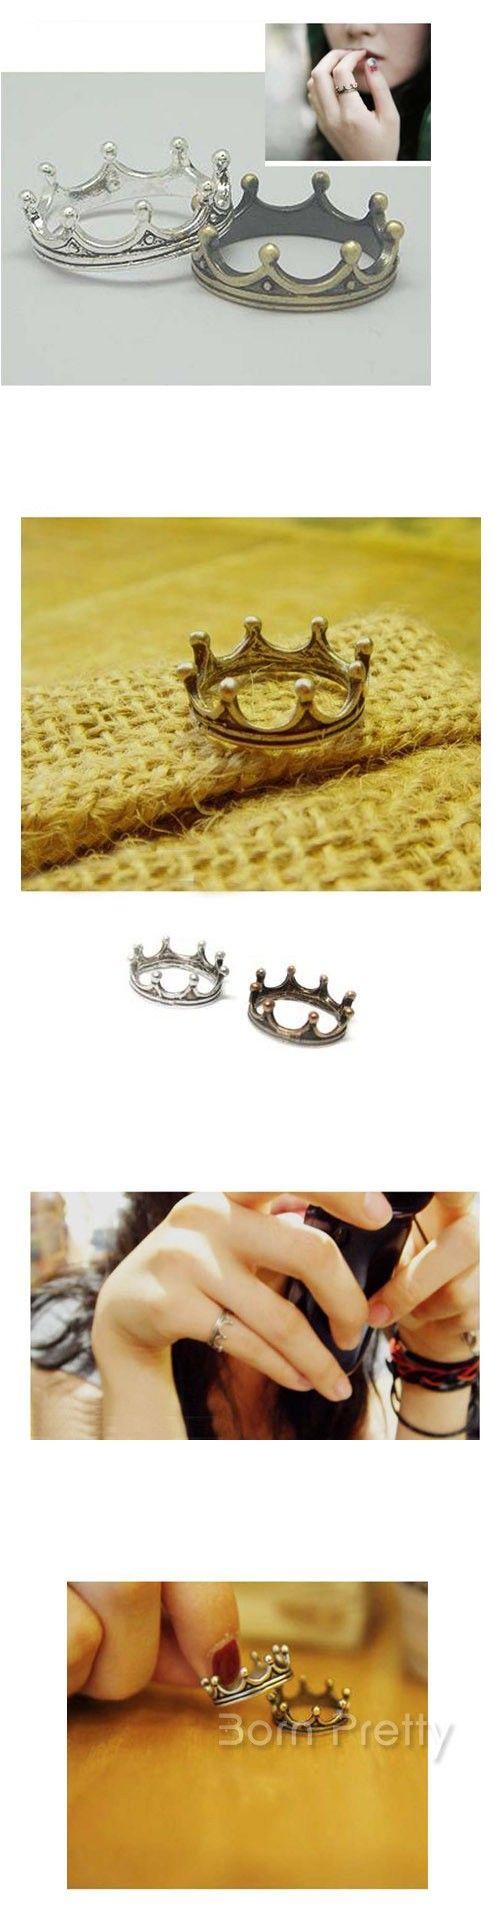 $0.99 1Pc Vintage Crown Shaped Ring Fashion Ring - BornPrettyStore.com